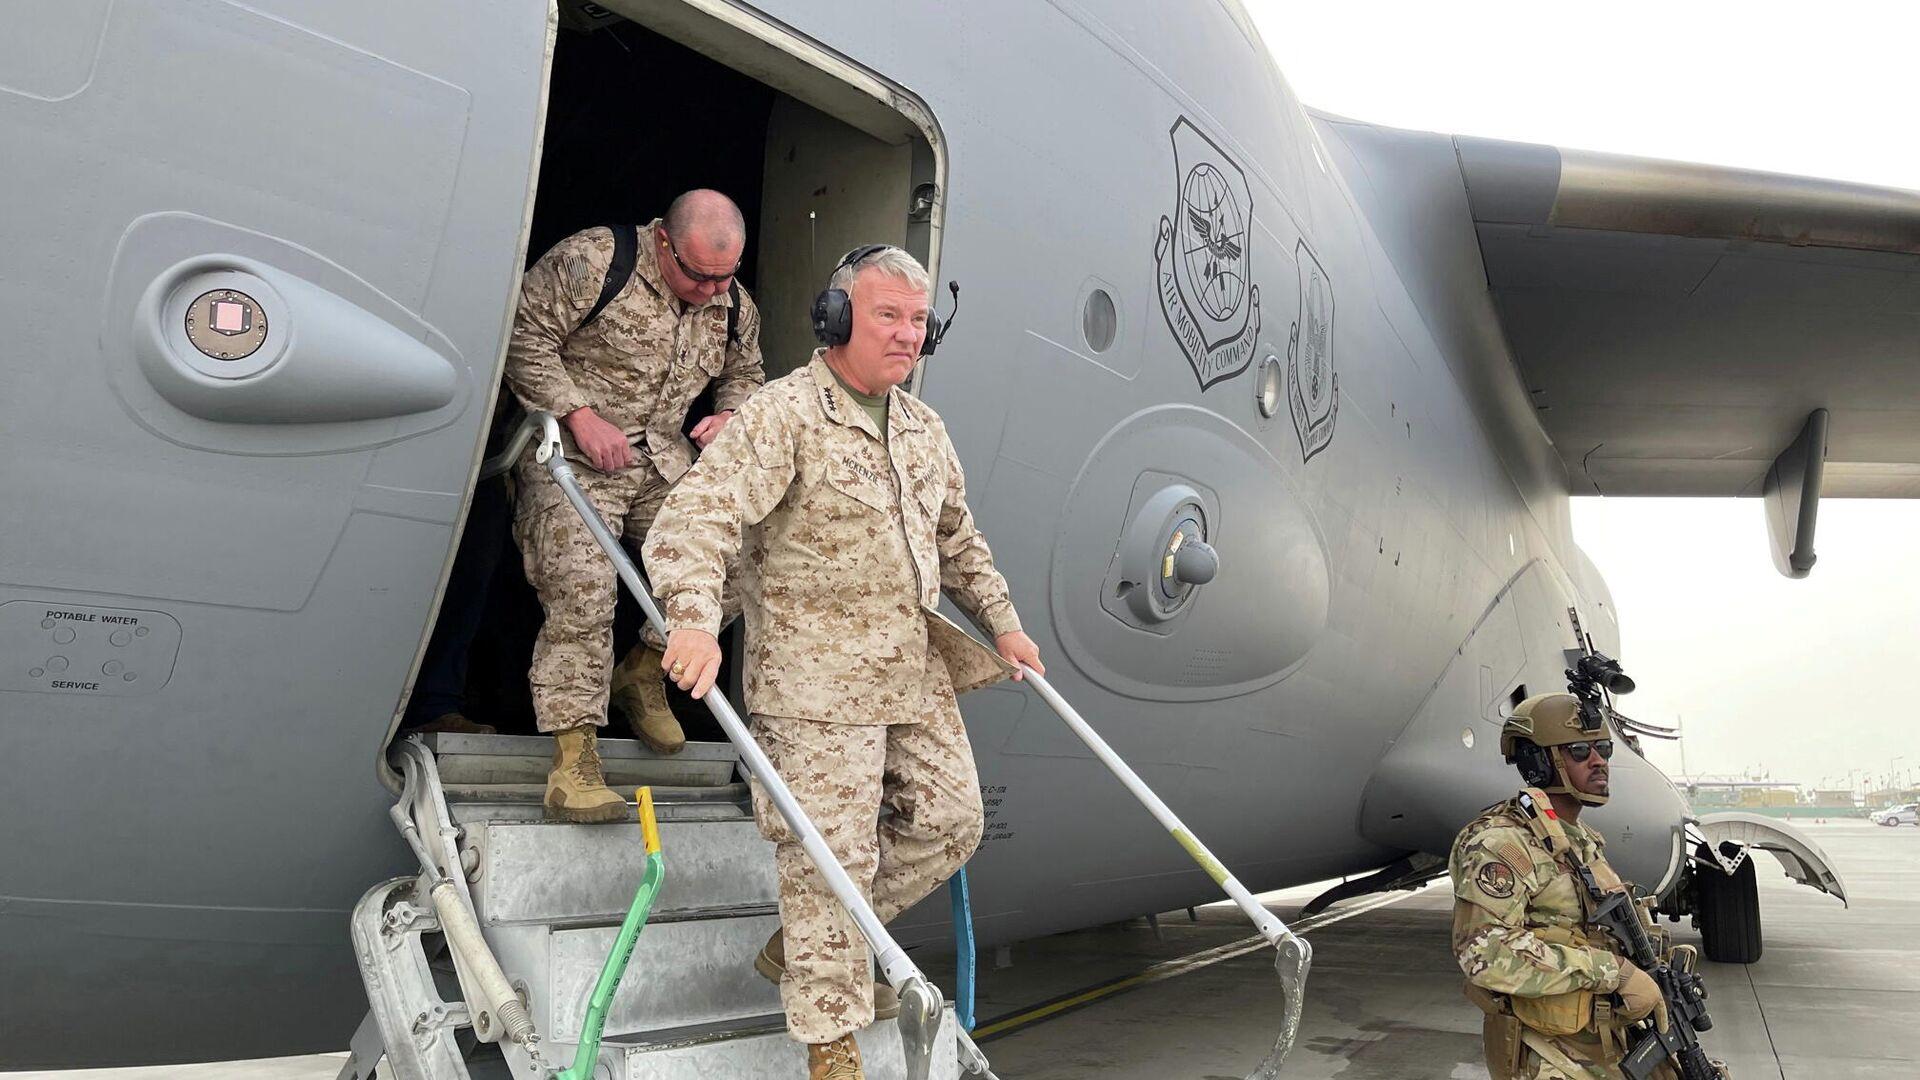 General Frank McKenzie, Befehlshaber des Zentralen US-Kommandos, am Flughafen von Kabul, 17. August 2021 - SNA, 1920, 18.08.2021